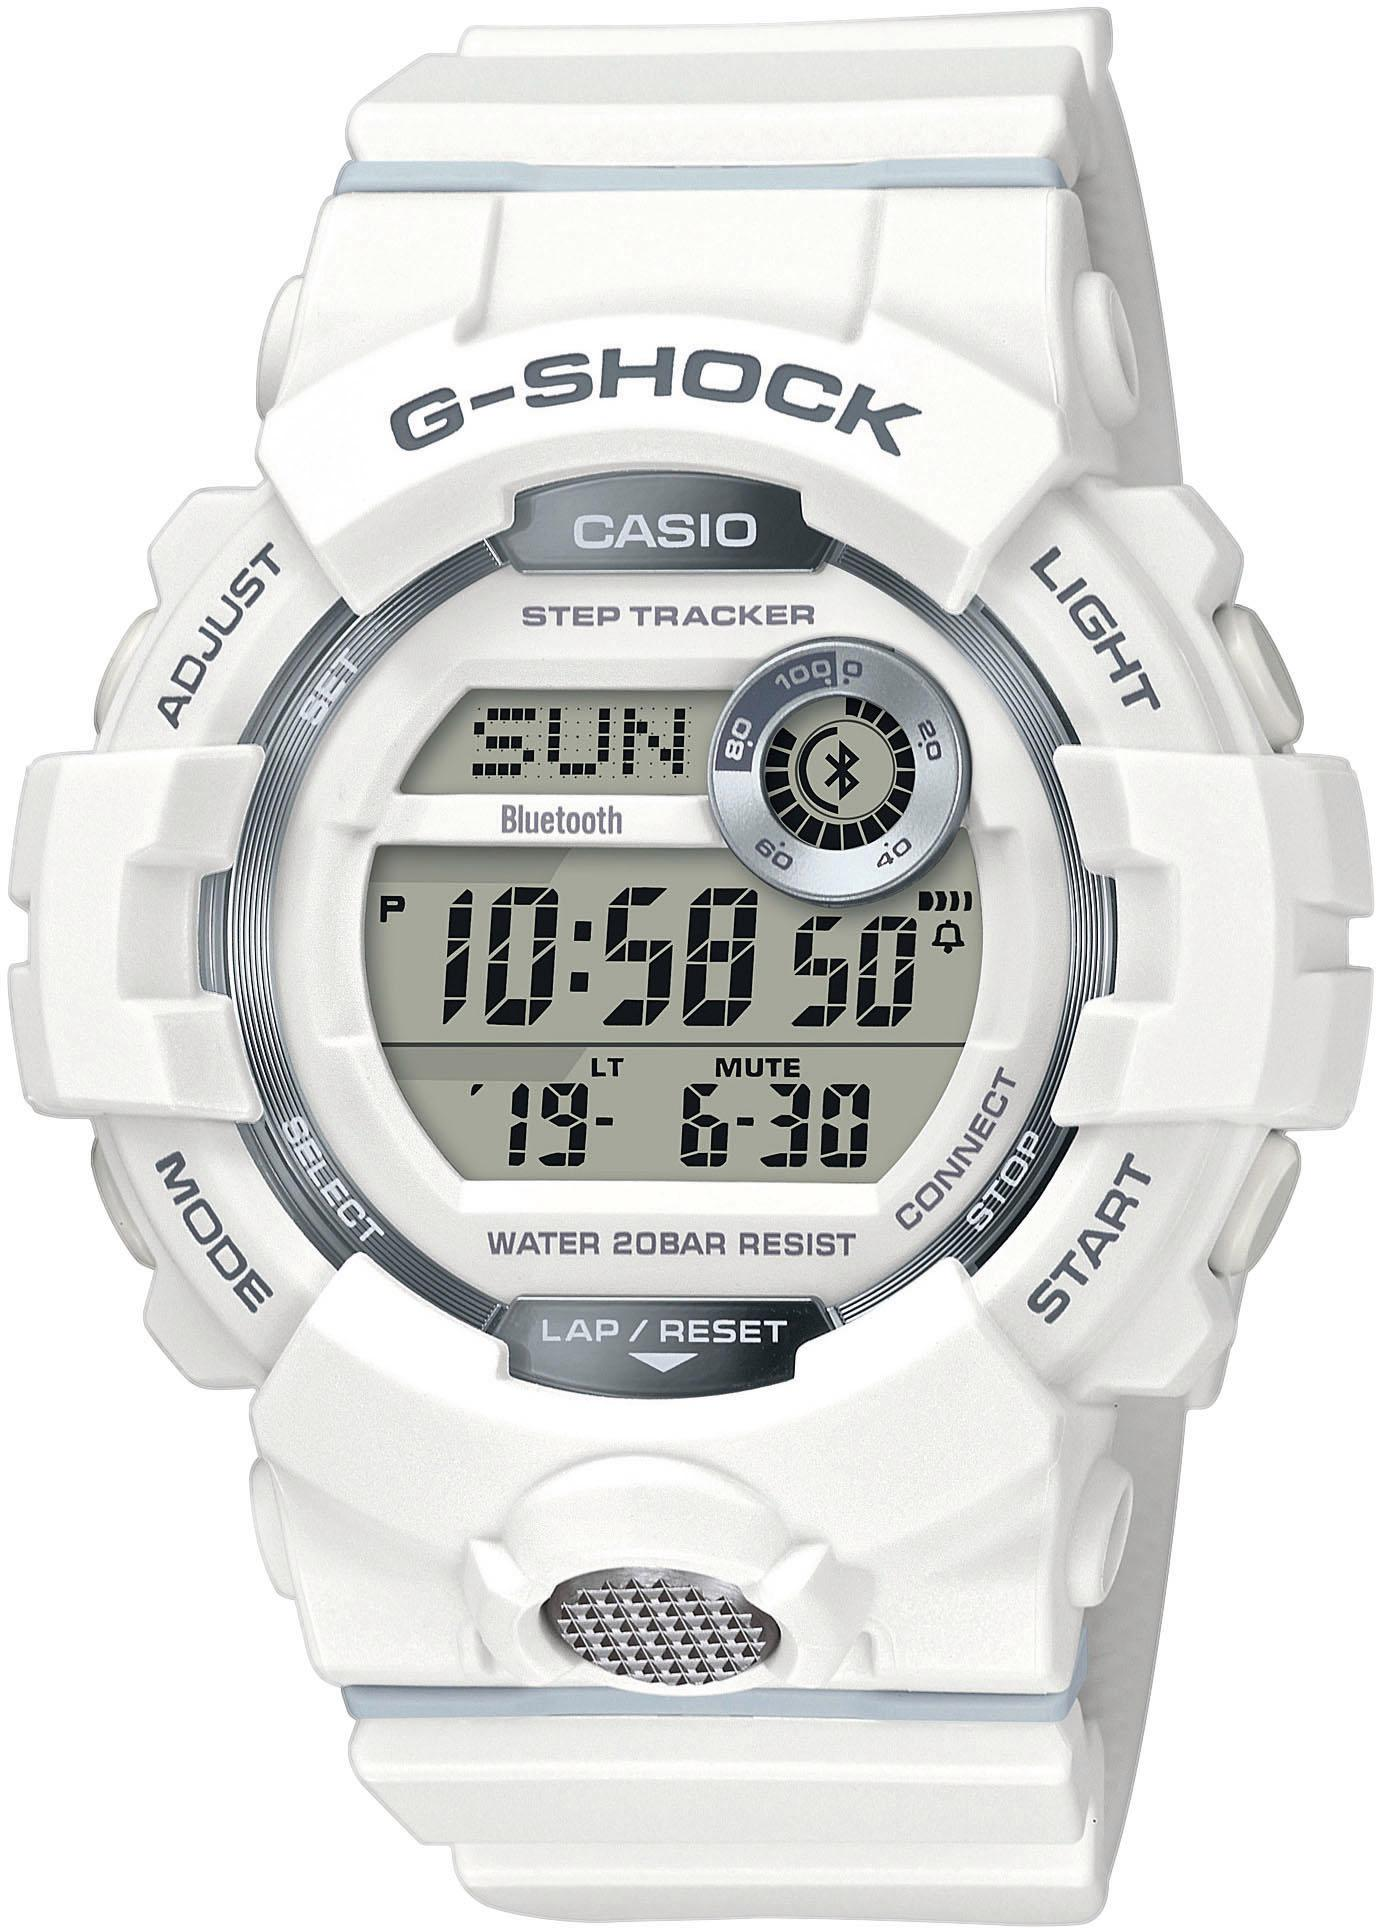 CASIO G-SHOCK GBD-800-7ER Smartwatch | Uhren > Smartwatches | Casio G-Shock